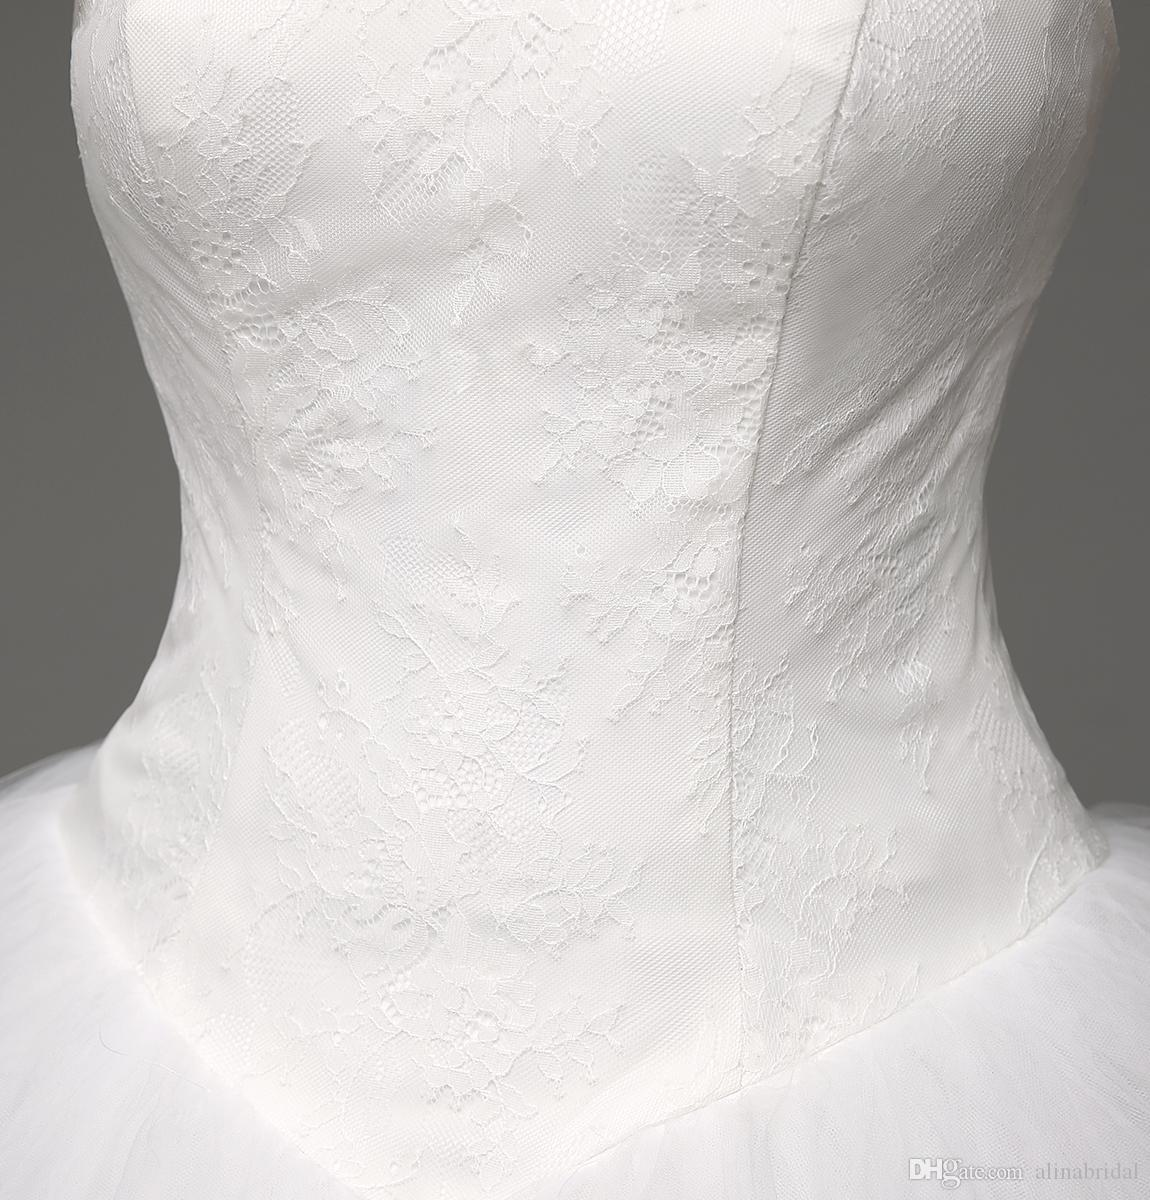 在庫ボールガウンのウェディングドレスフリーショルダーチェーン100%実際の写真恋人ビクトリアンプリンセスウェディングドレス安いブライダルドレス